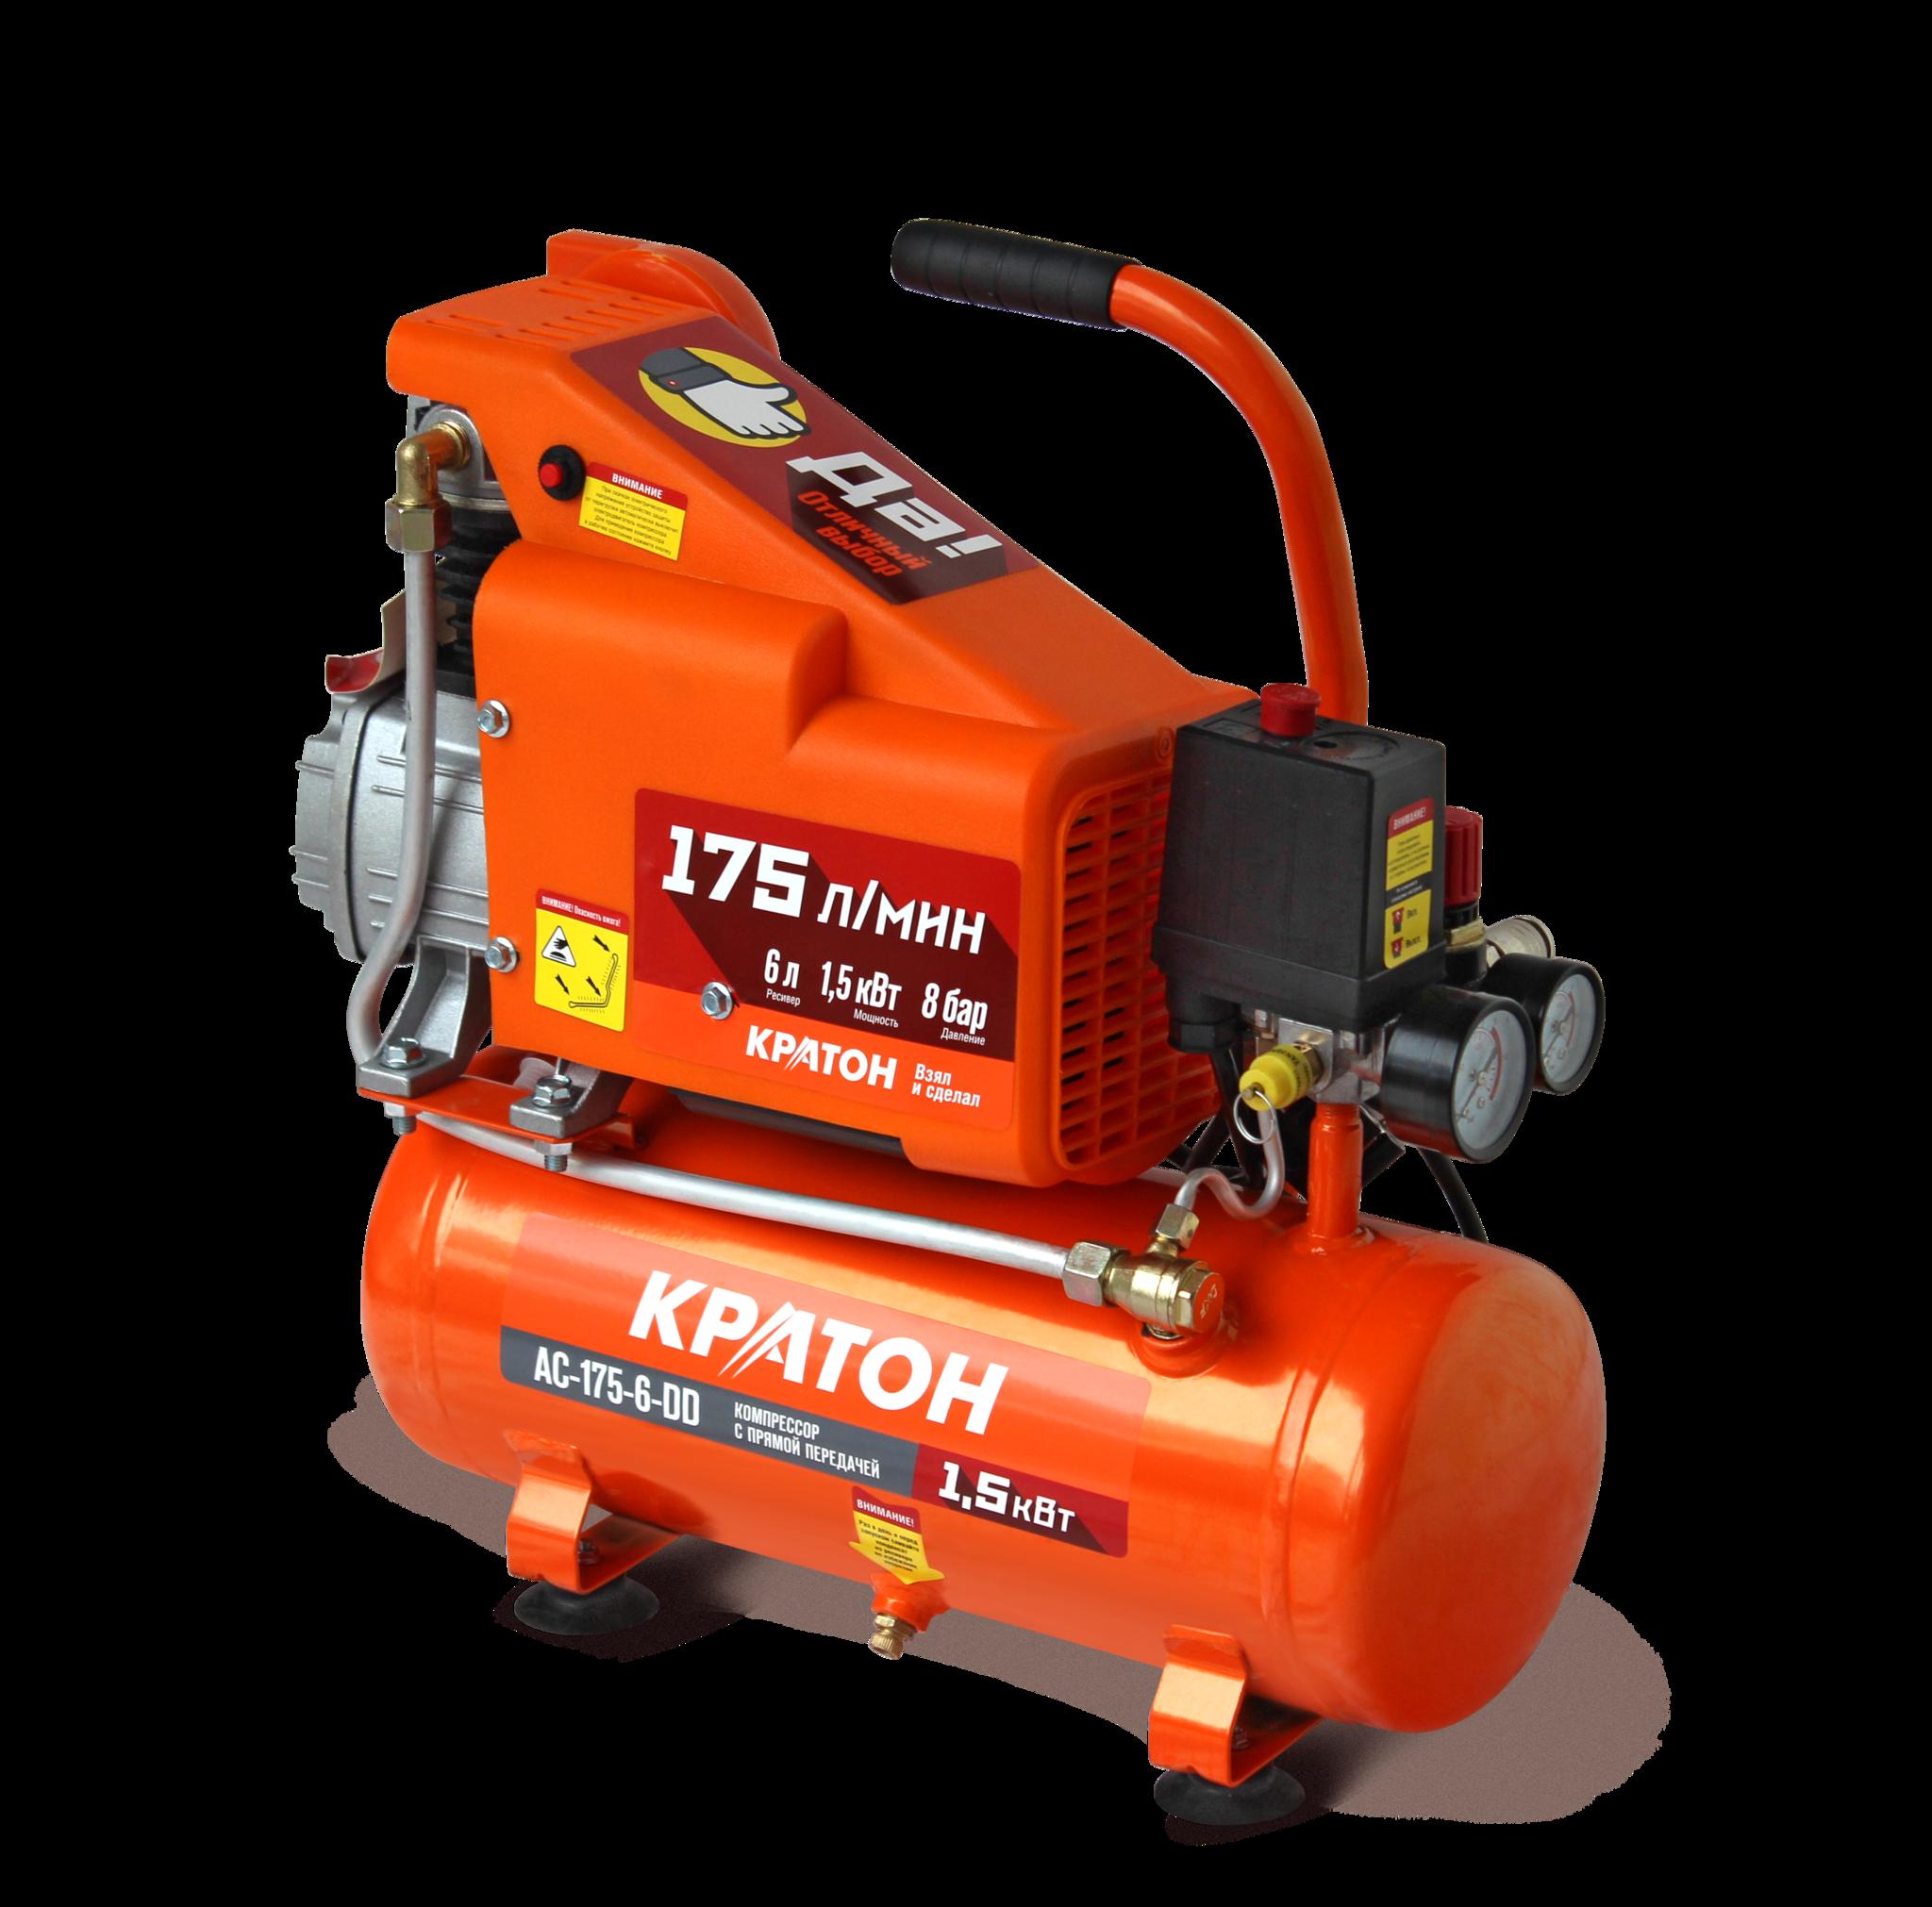 КРАТОН Компрессор с прямой передачей Кратон AC-175-6-DD AC-175-6-DD.png